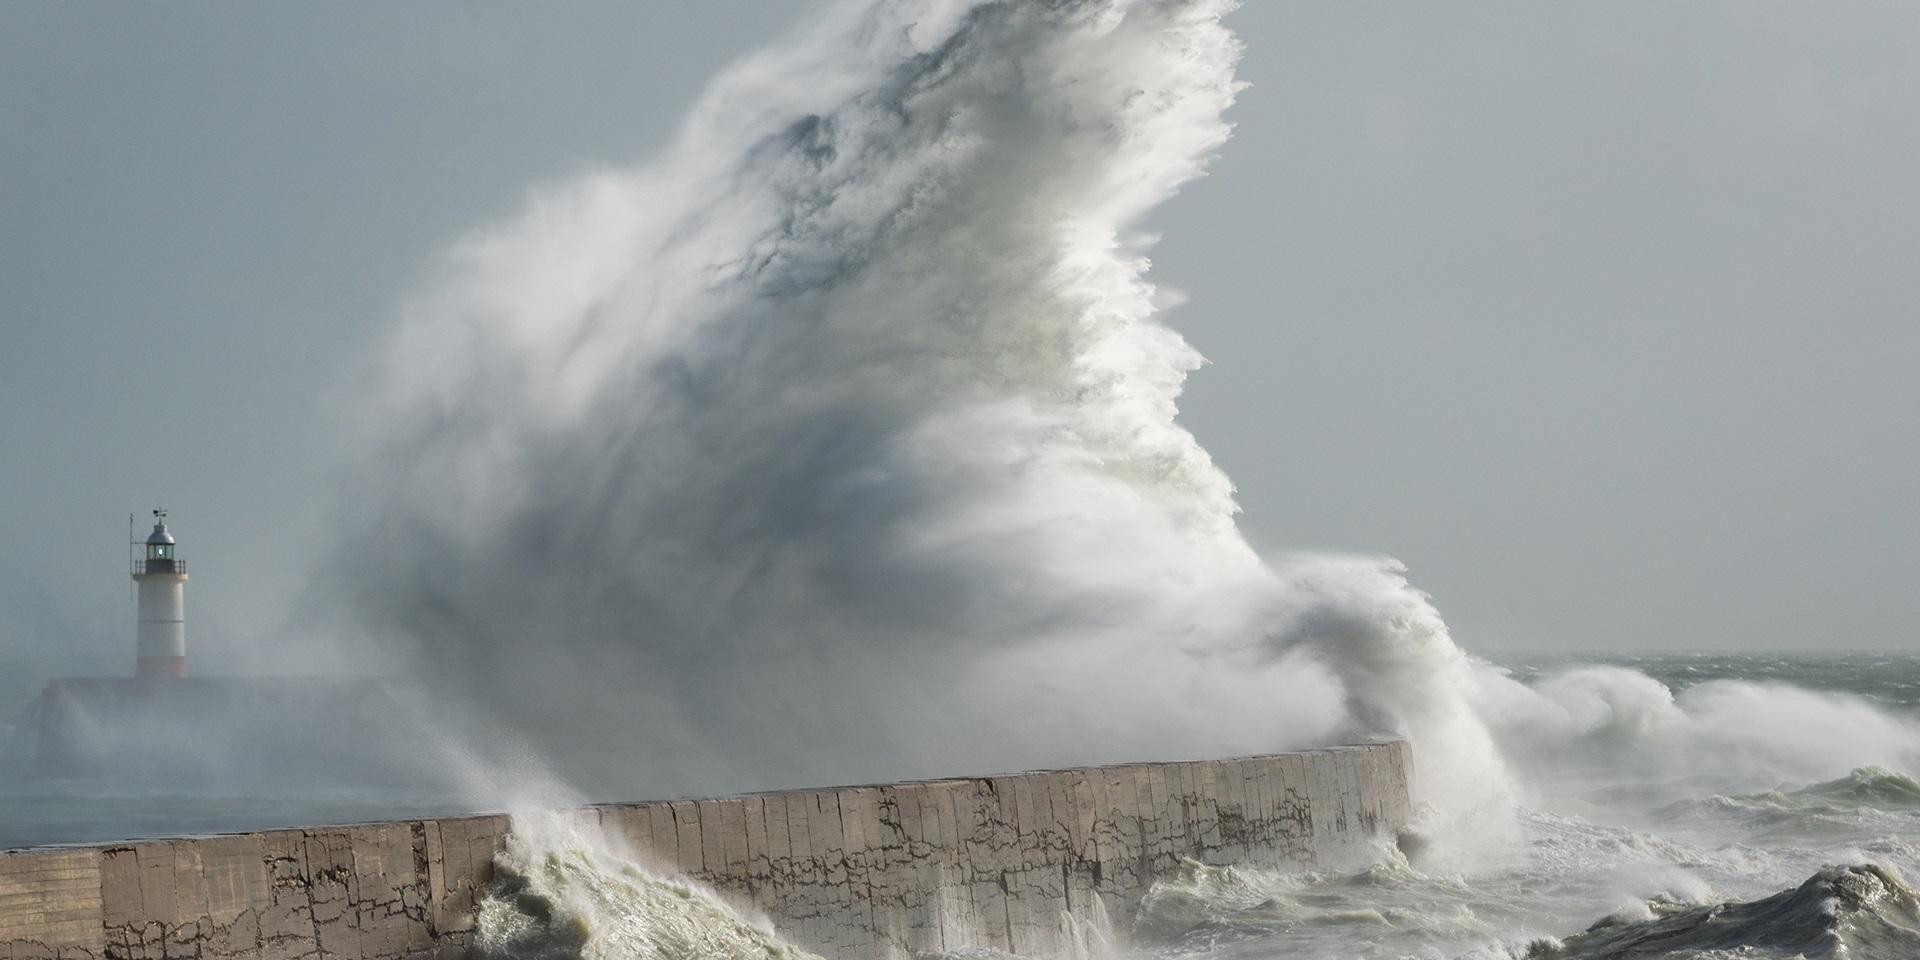 Không phải gió, phần đáng sợ nhất của một cơn bão là một yếu tố đầy bất ngờ! – VnReview